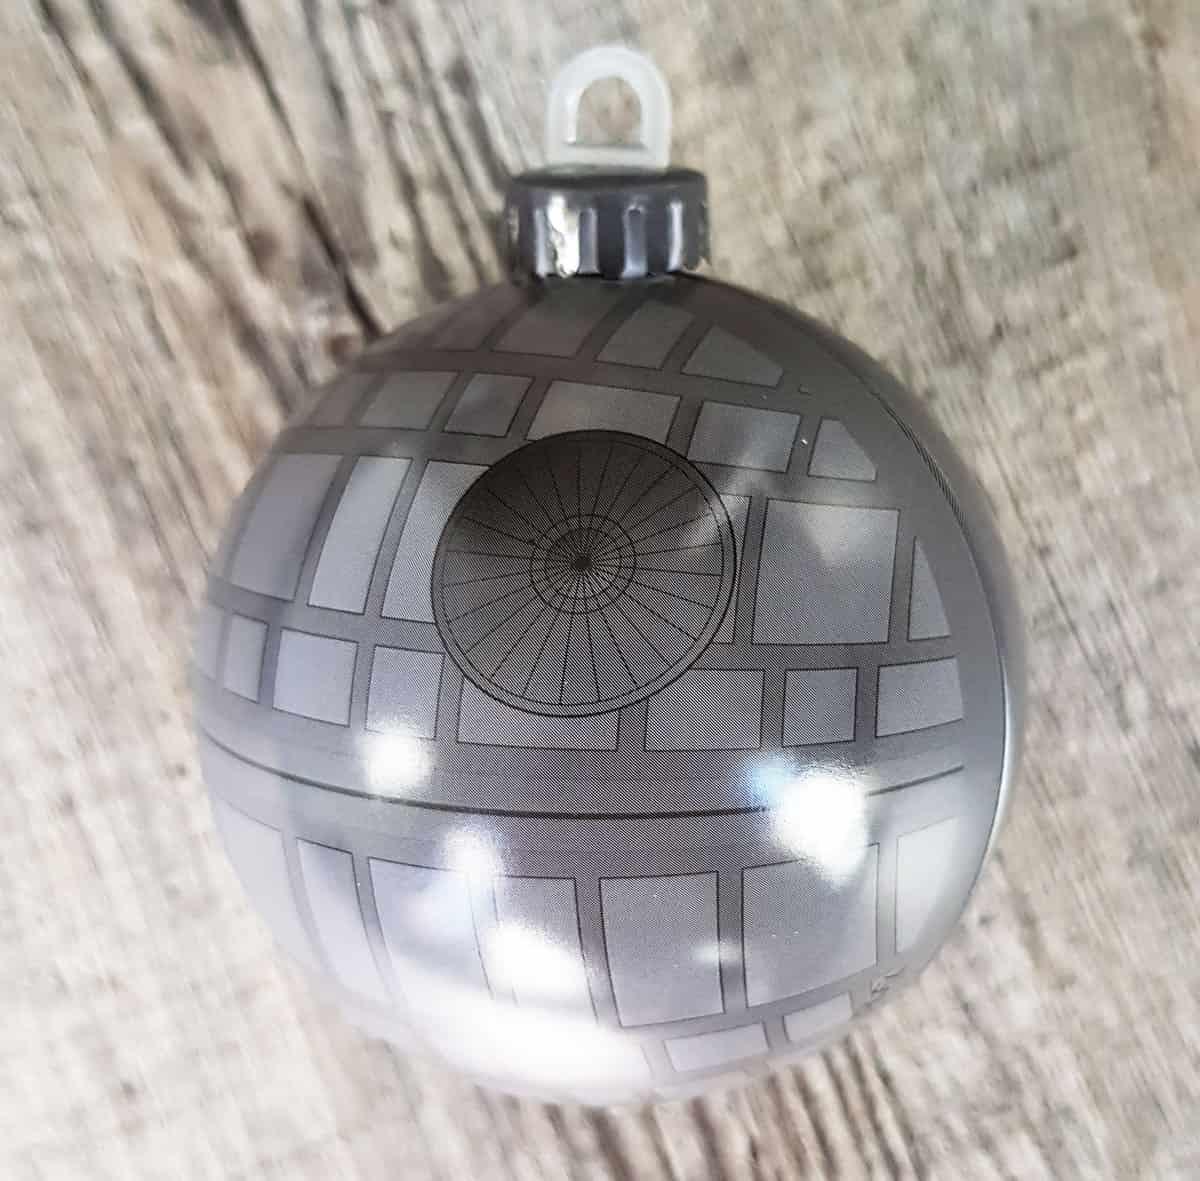 Weihnachtskugeln Star Wars Christbaumschmuck Mit Star Wars Motiven